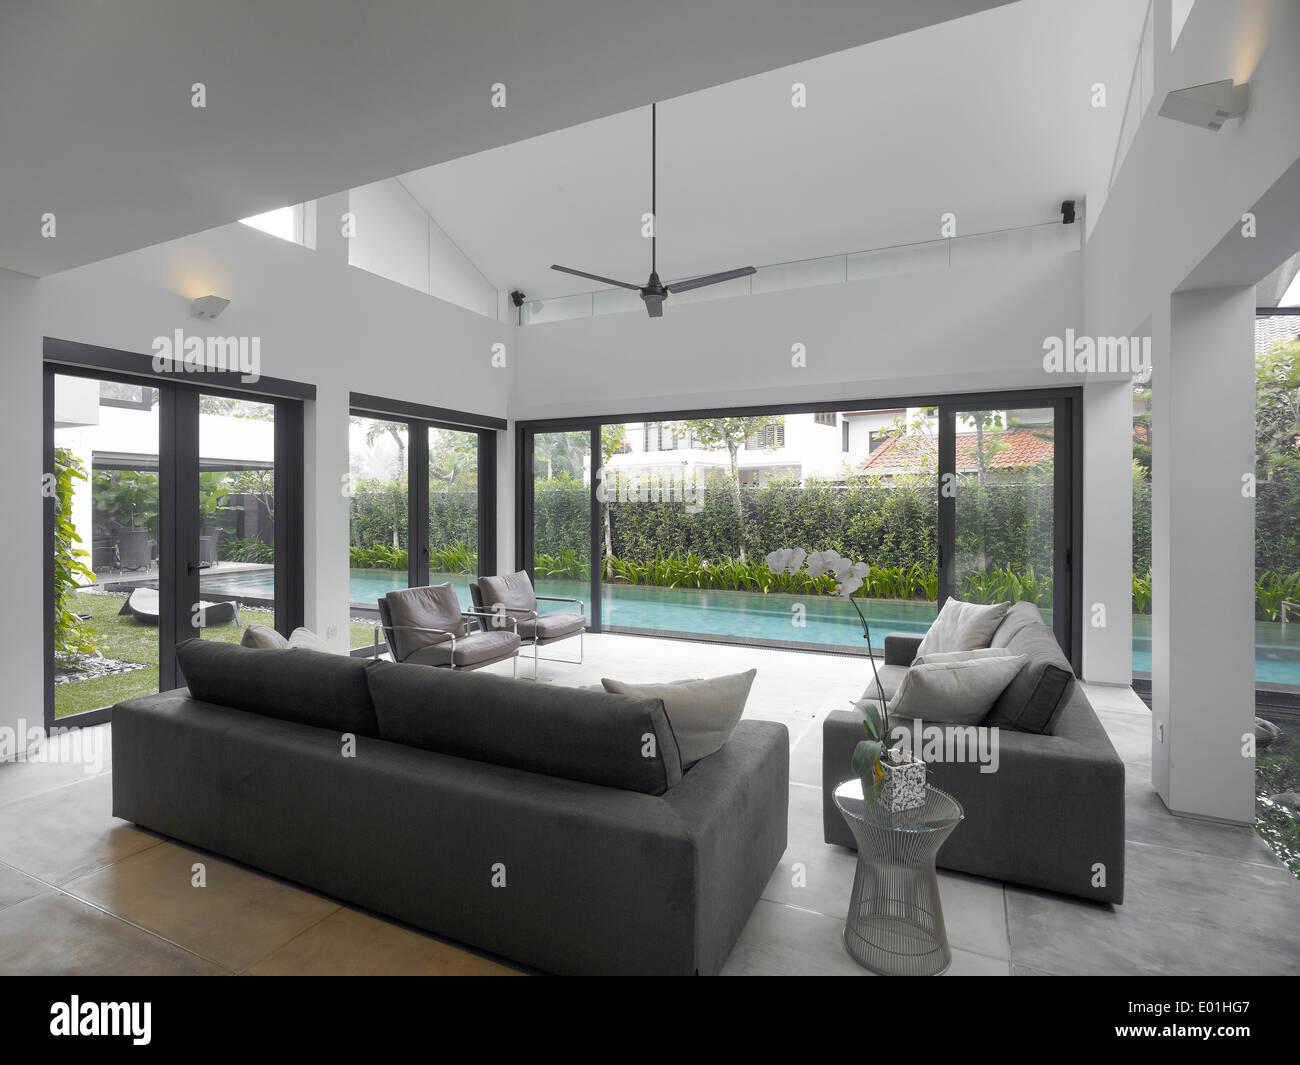 Wohnzimmer Mit Blick Auf Pool Im Modernen Haus Schweizer Club Road